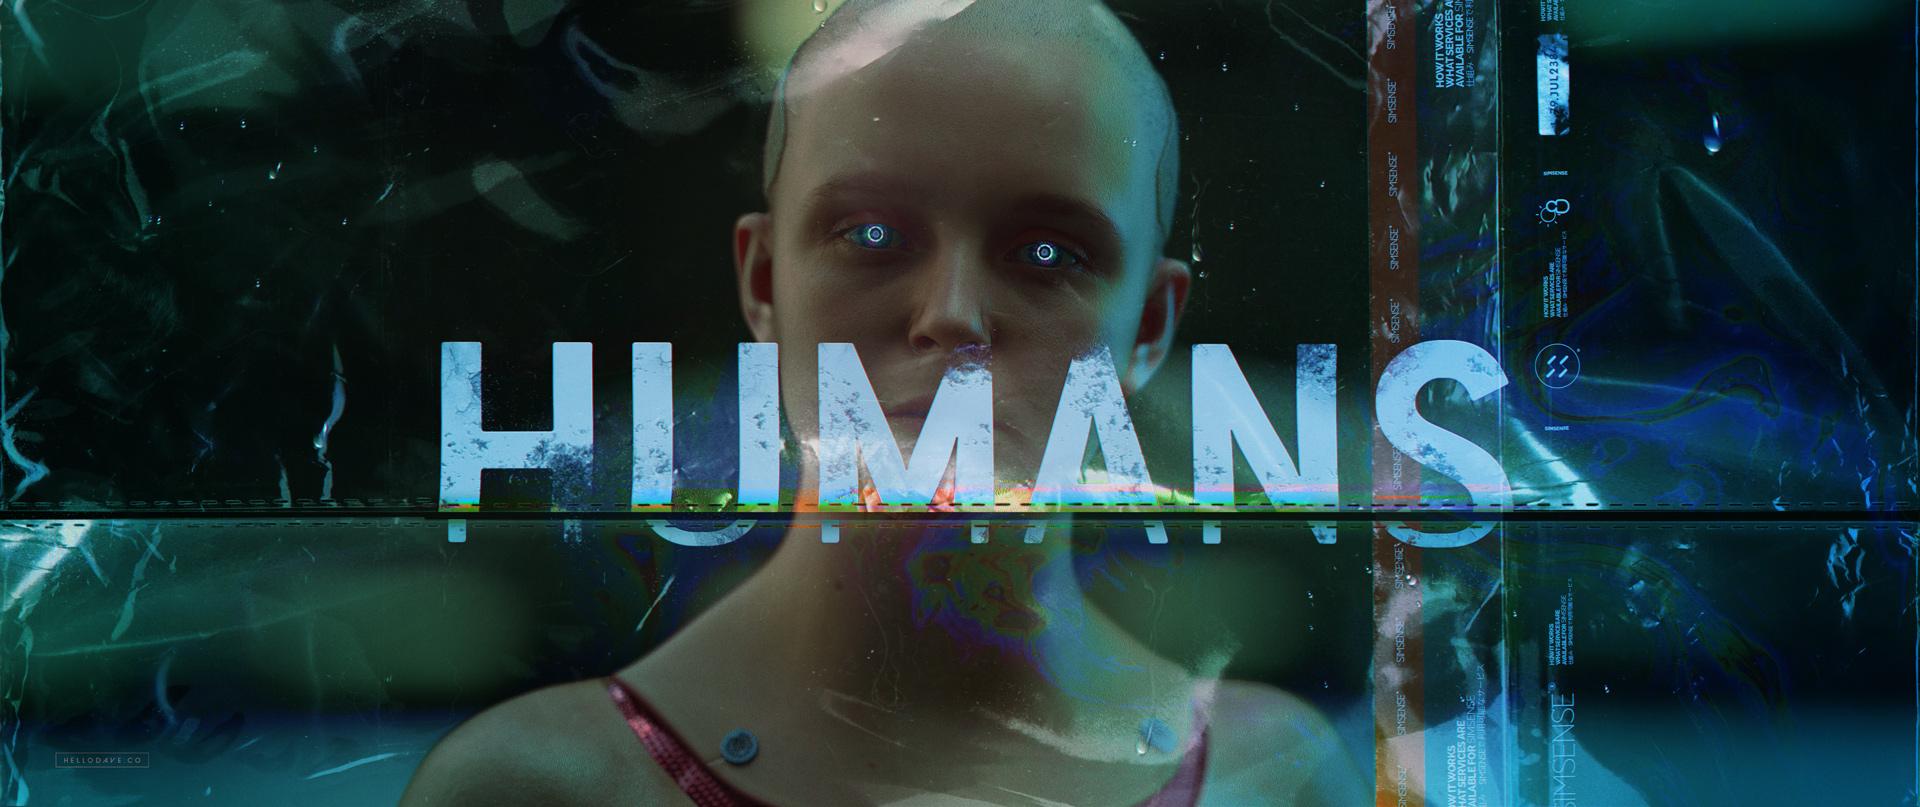 Humans_13_FHD_a-1